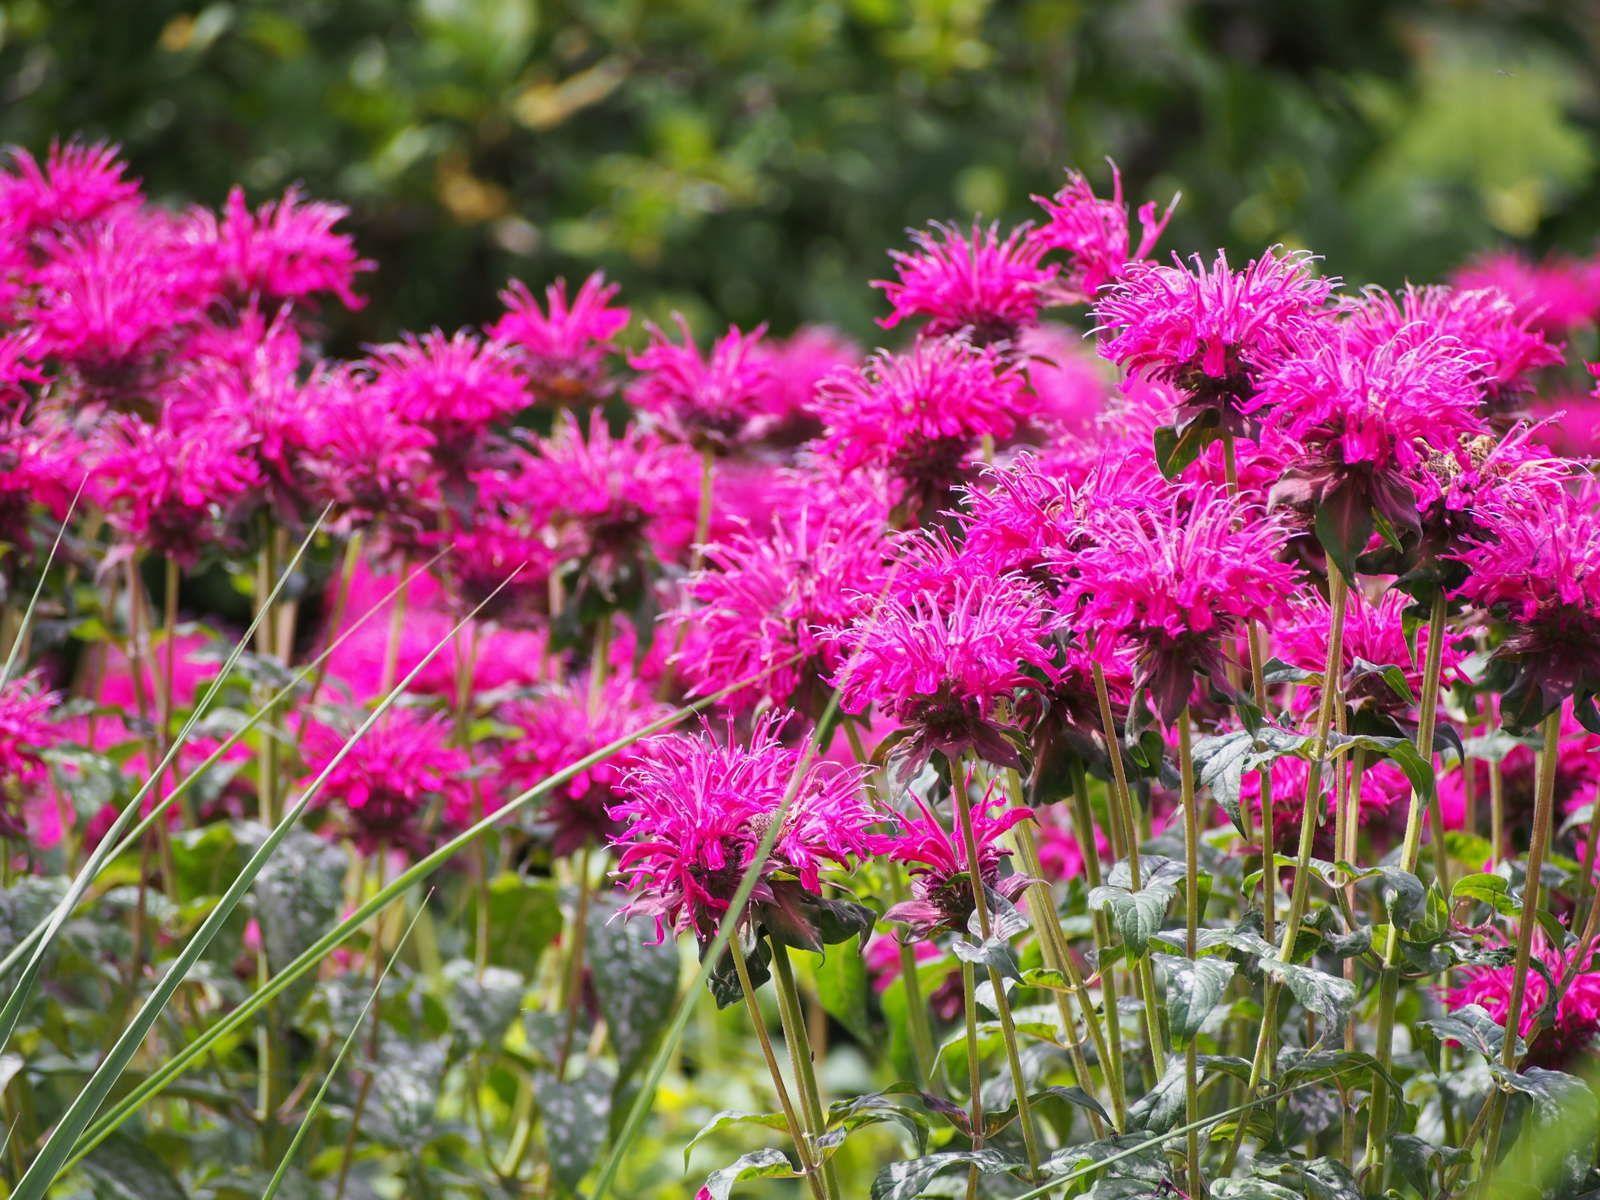 Pflanzen Gegen Mucken Naturliche Muckenabwehr Plantura Pflanzen Gegen Mucken Bienenfreundliche Pflanzen Staudengarten